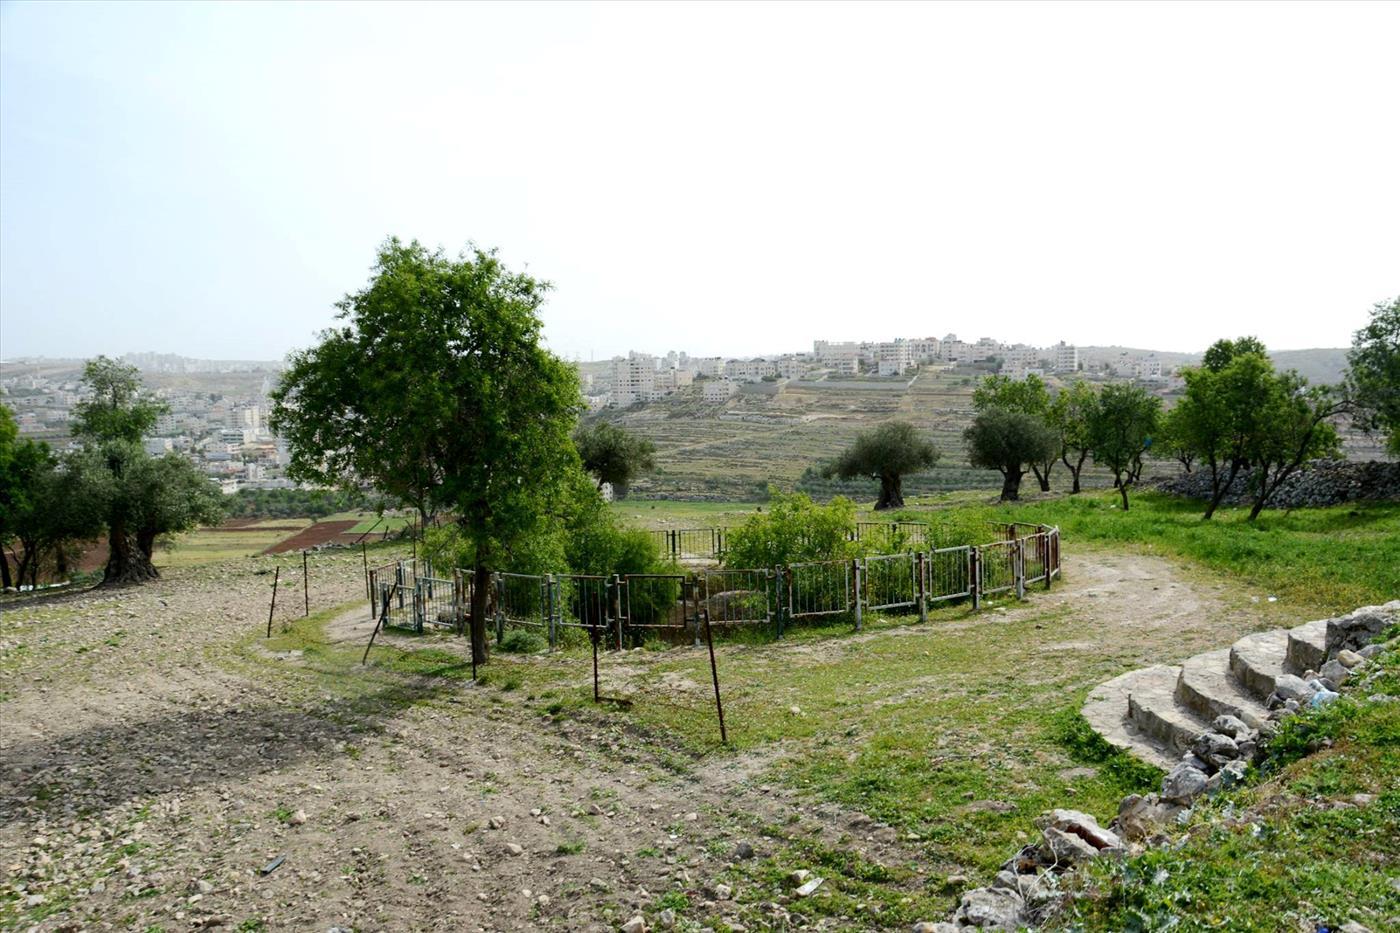 גבעון הקדומה (מאיר רוטר)